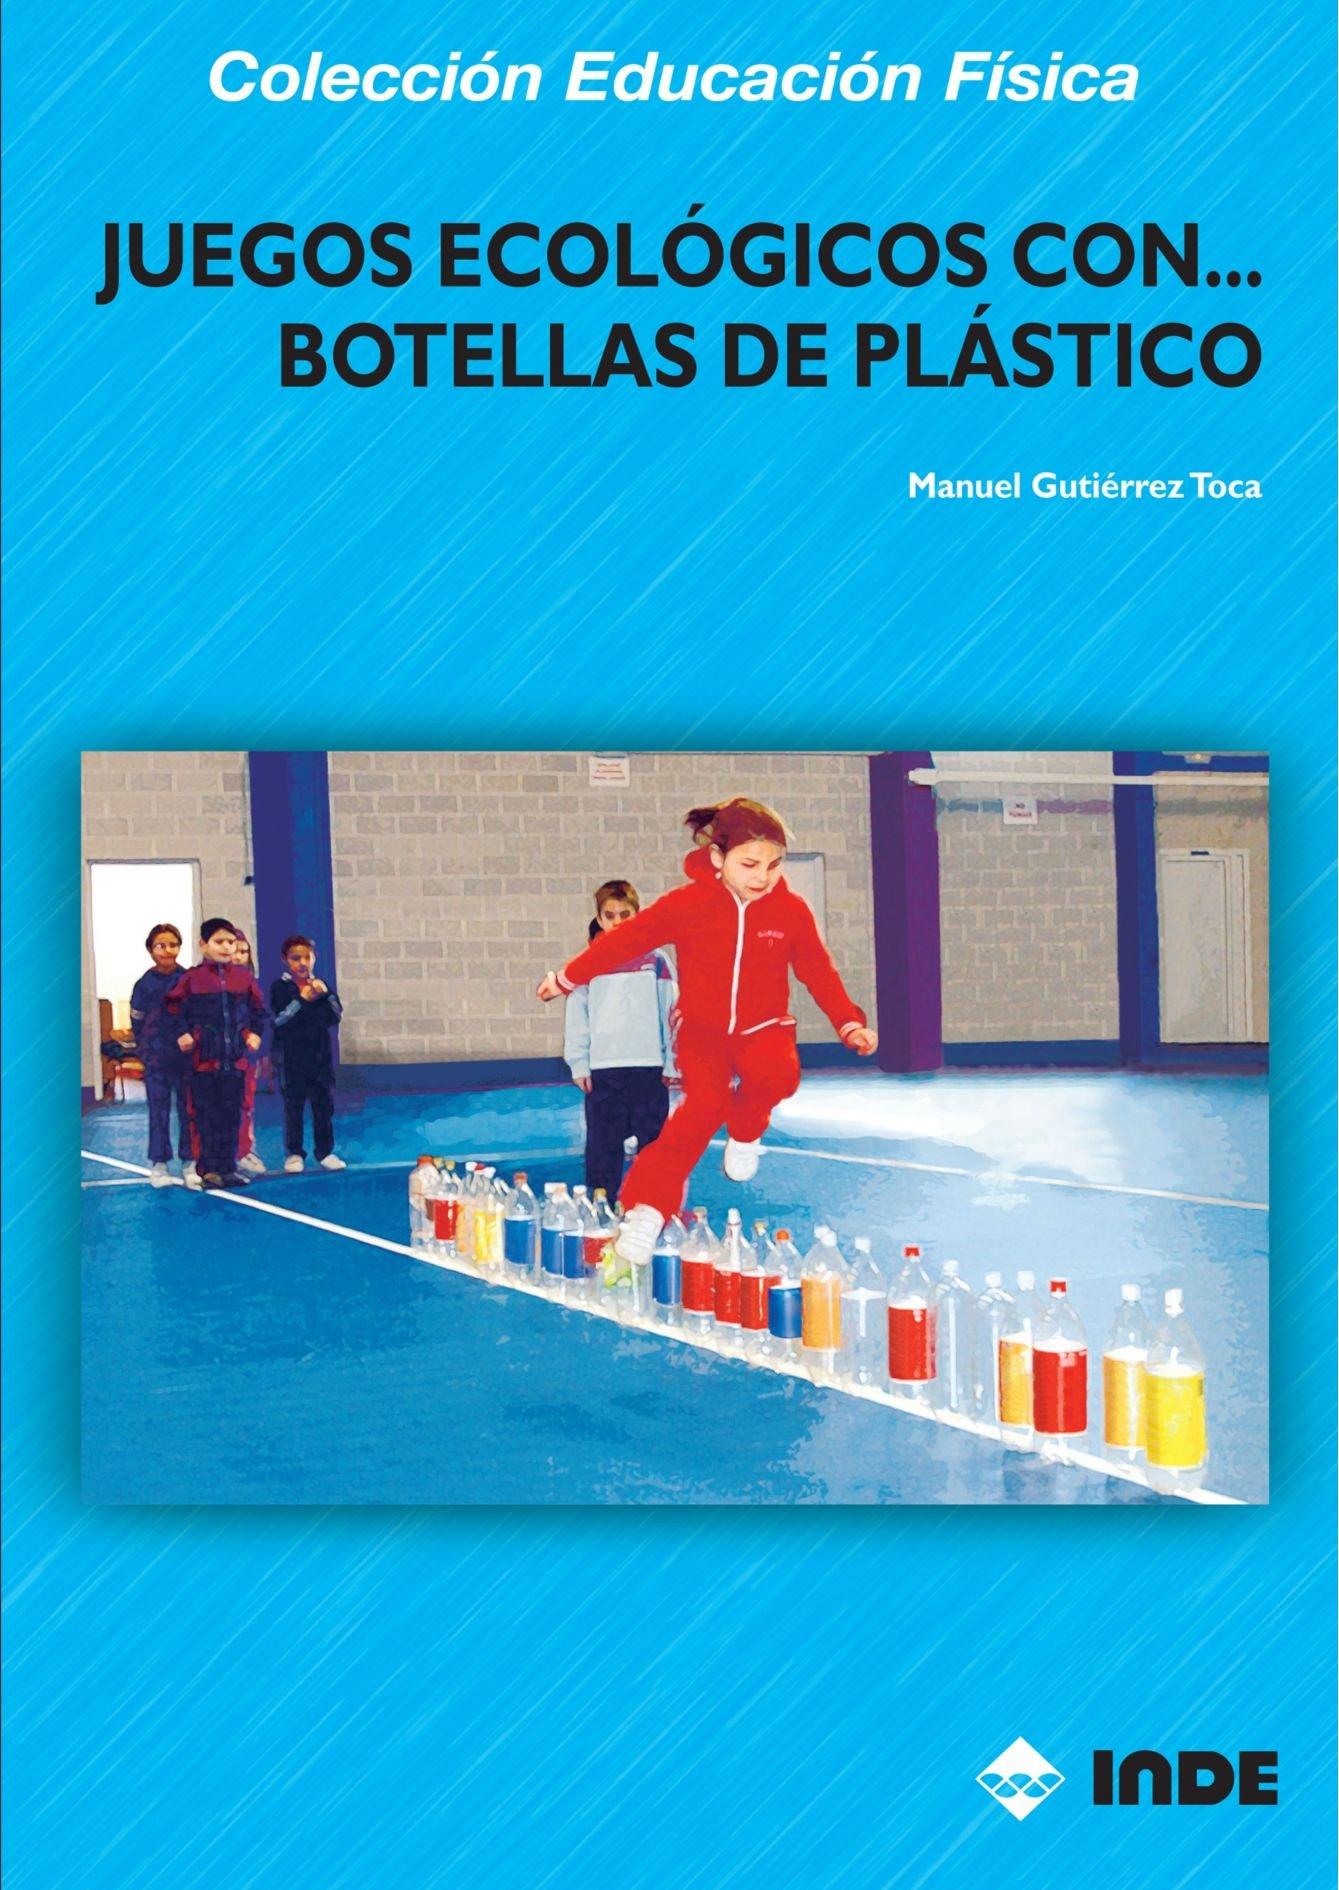 Juegos Ecológicos Con Botellas De Plástico Educación Física... Juegos: Amazon.es: Manuel Gutiérrez Toca: Libros